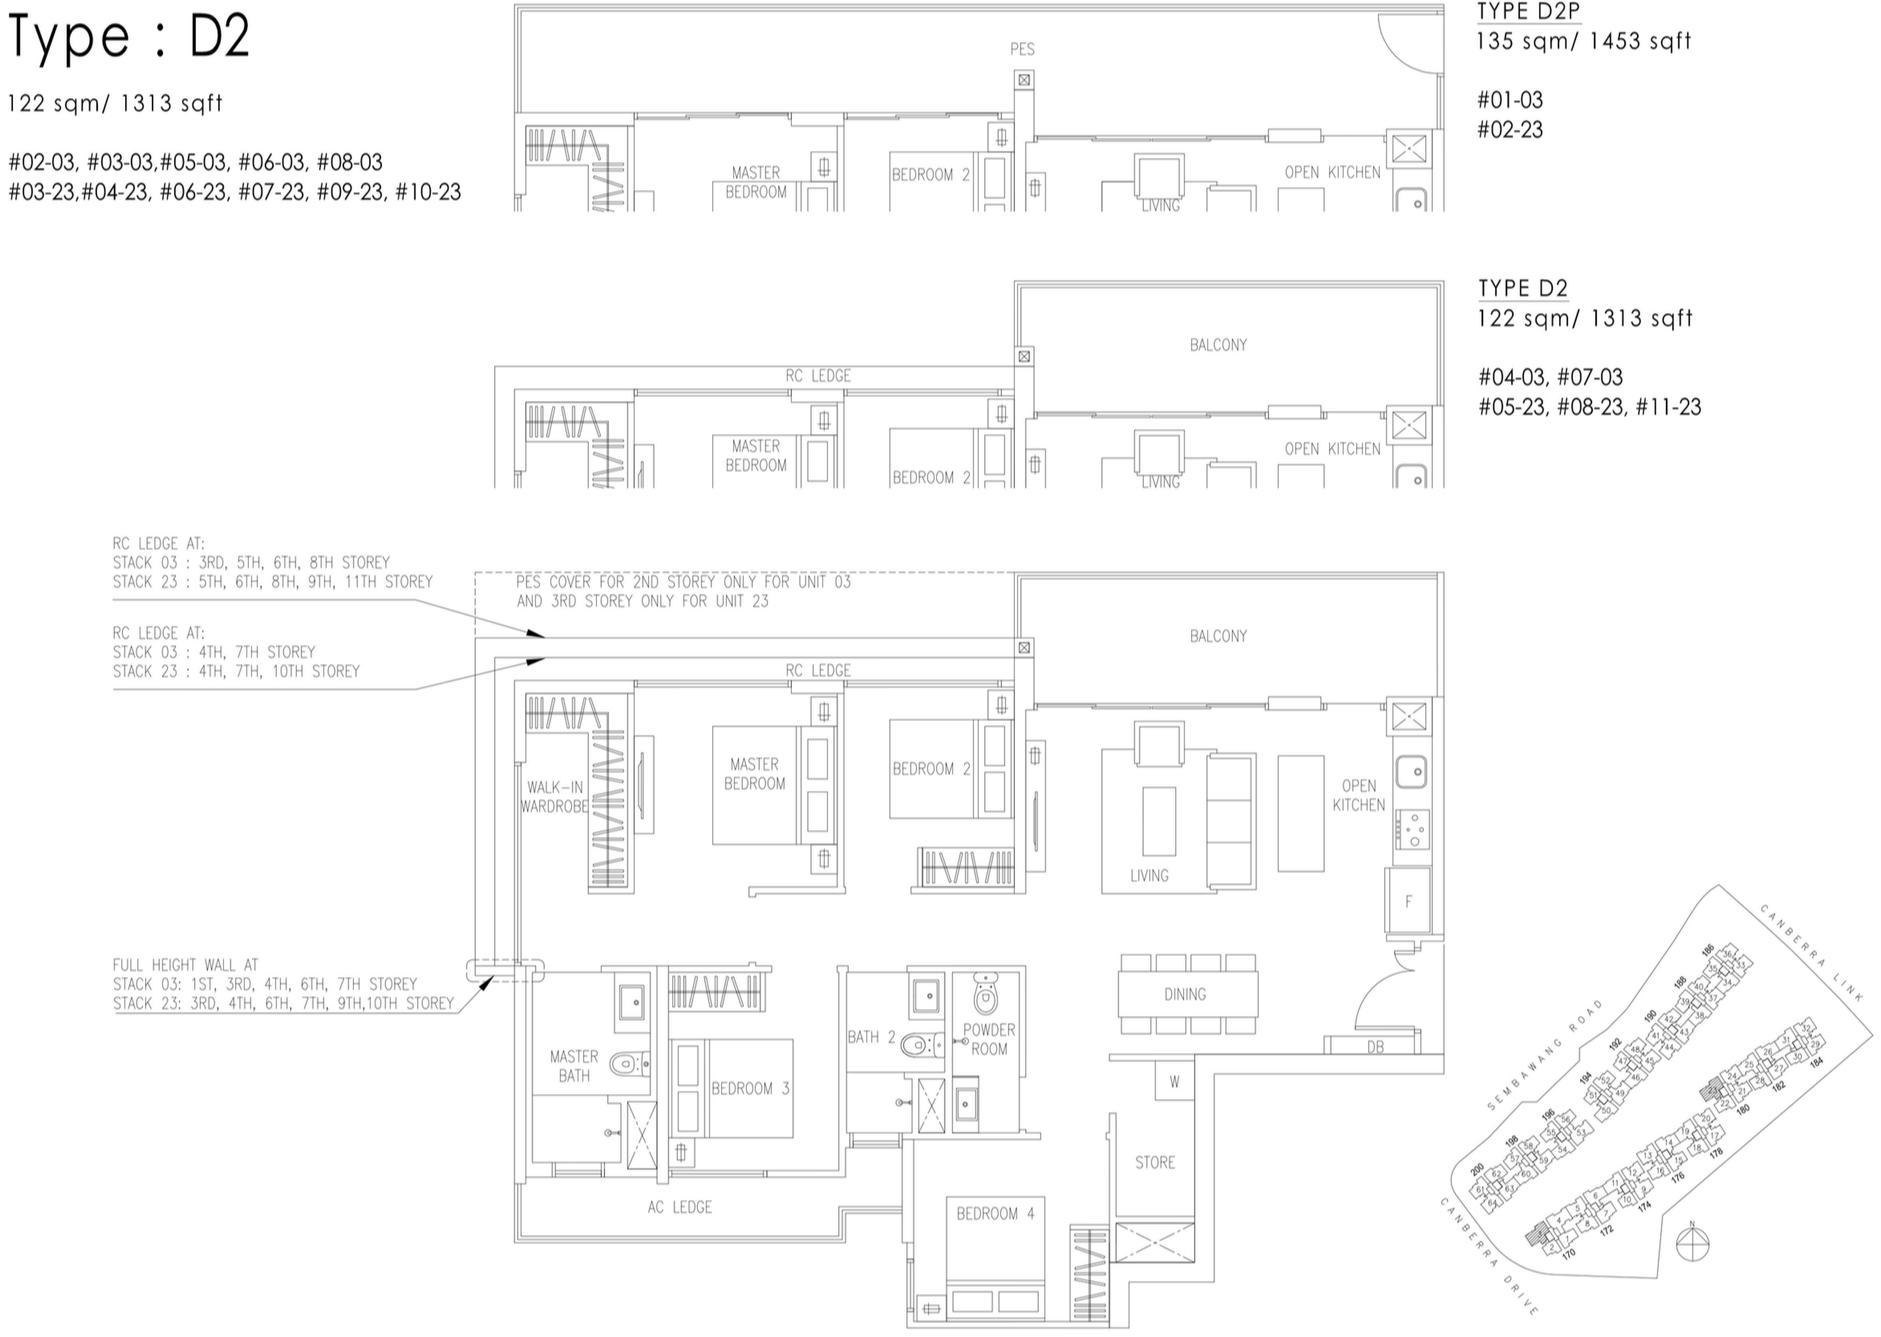 The Visionaire EC Floor Plan - 4 Bedroom D2 D2P 122 sqm 1313 sqft